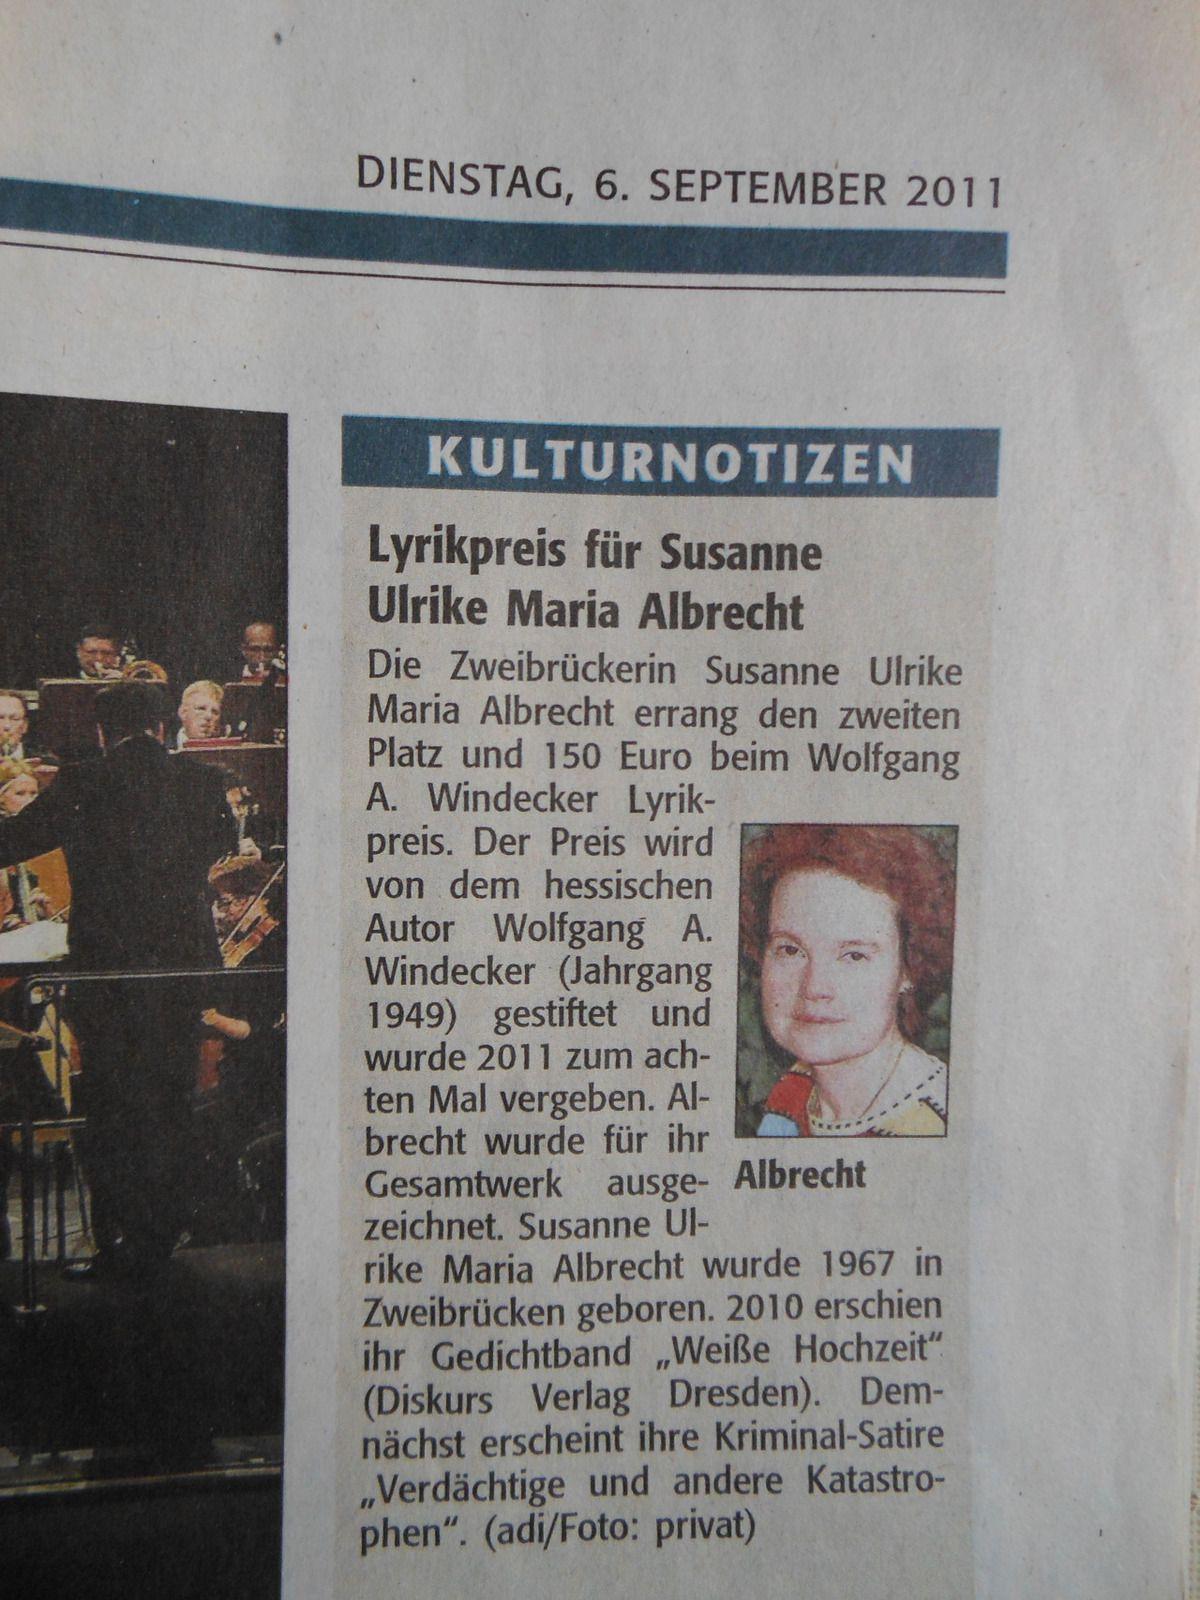 Lyrikpreis für Susanne Ulrike Maria Albrecht